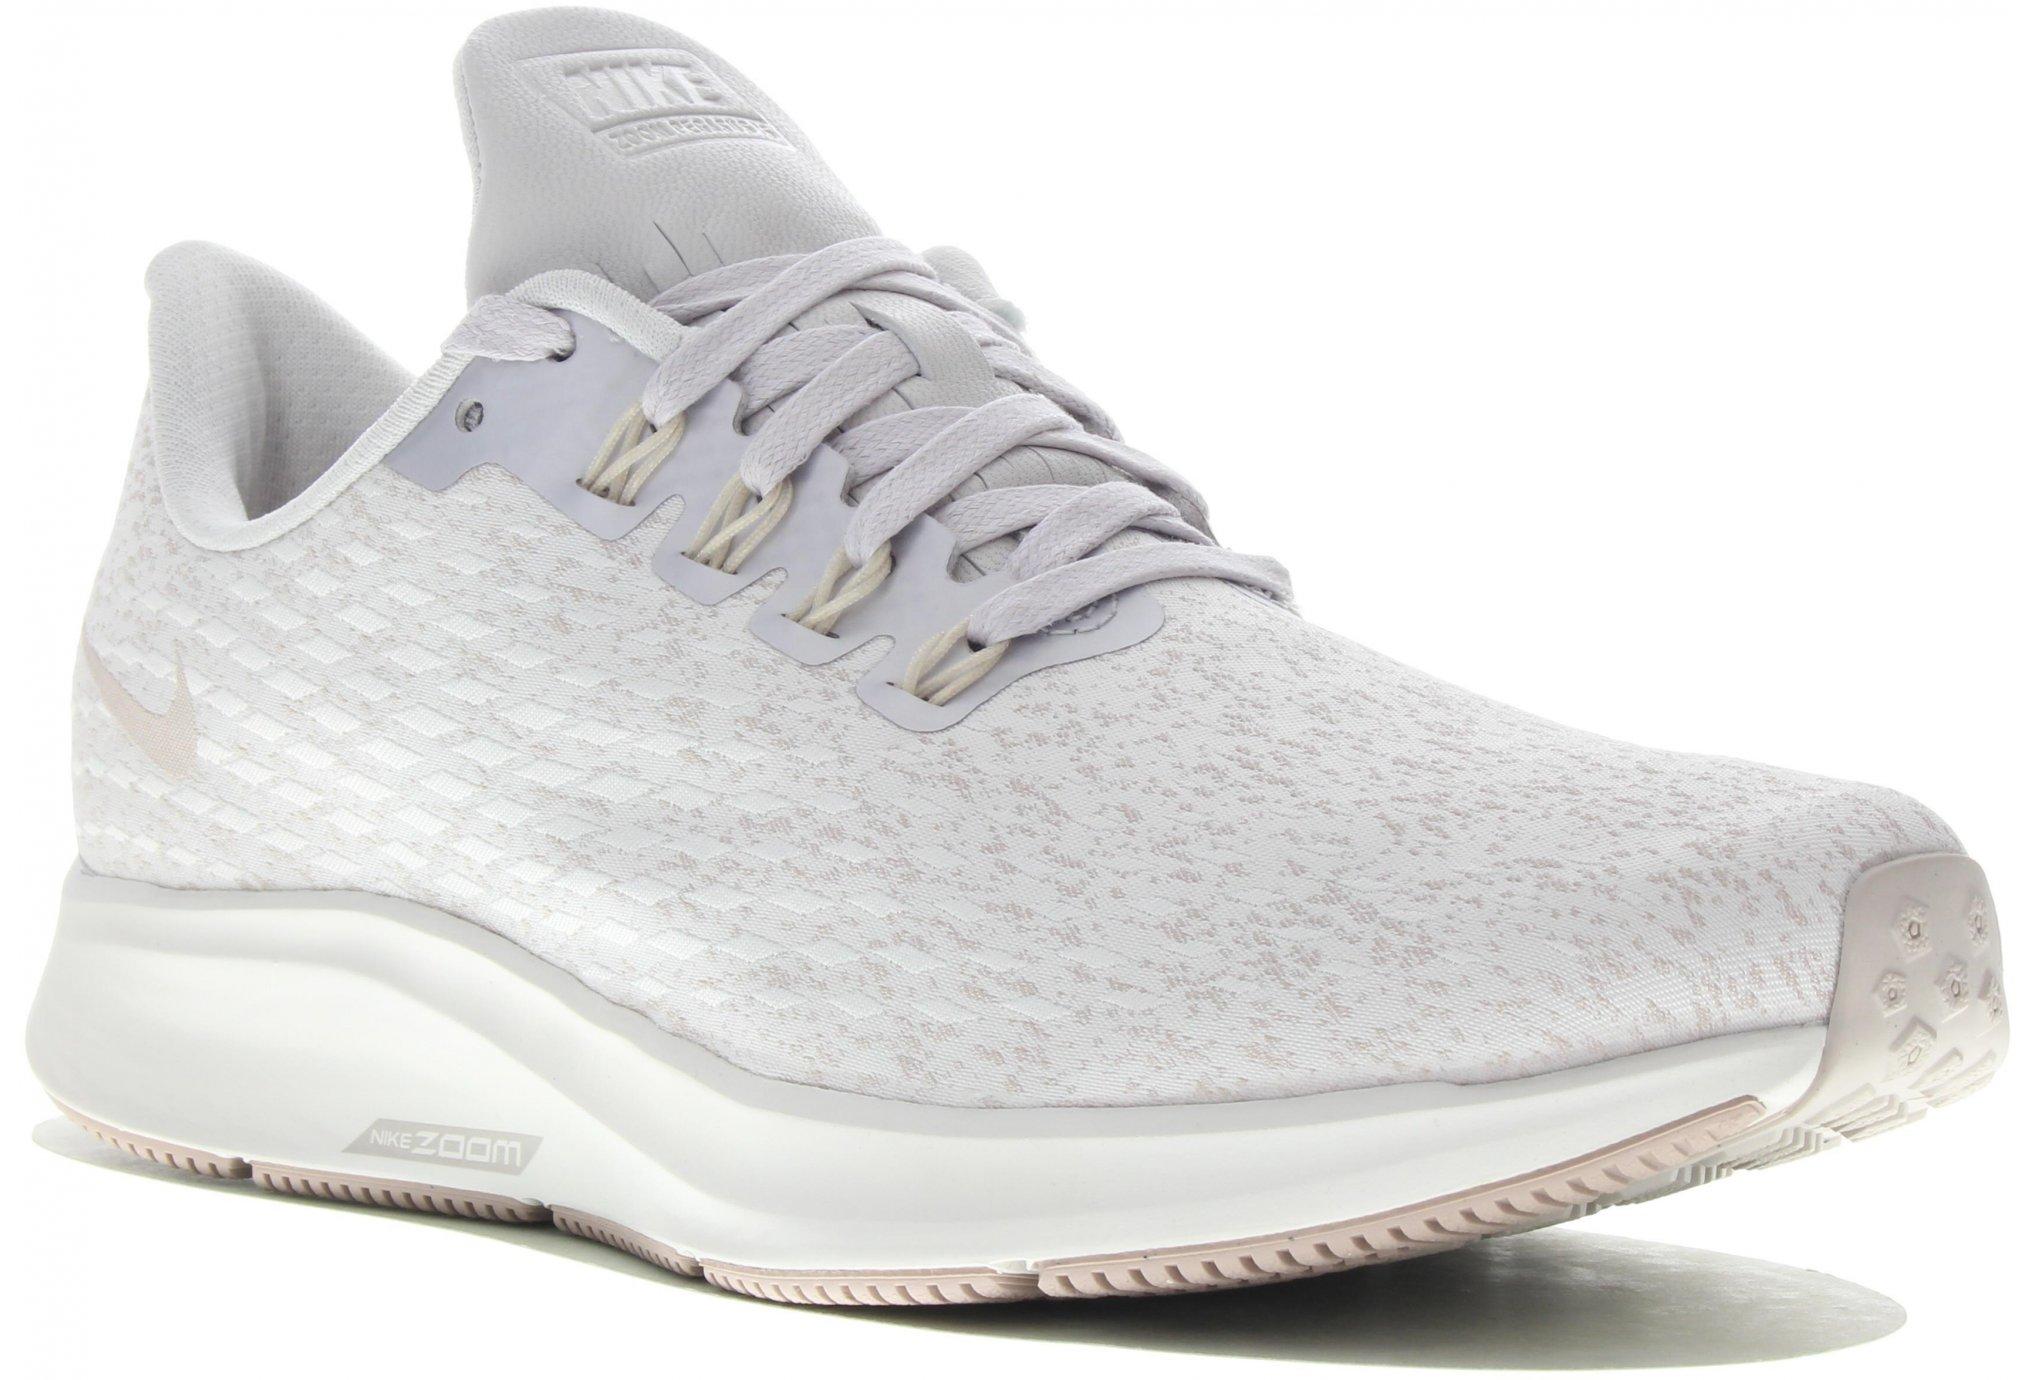 Pegasus Prm Nike Wair B Zoom Sneakers 35 N8Onwym0v